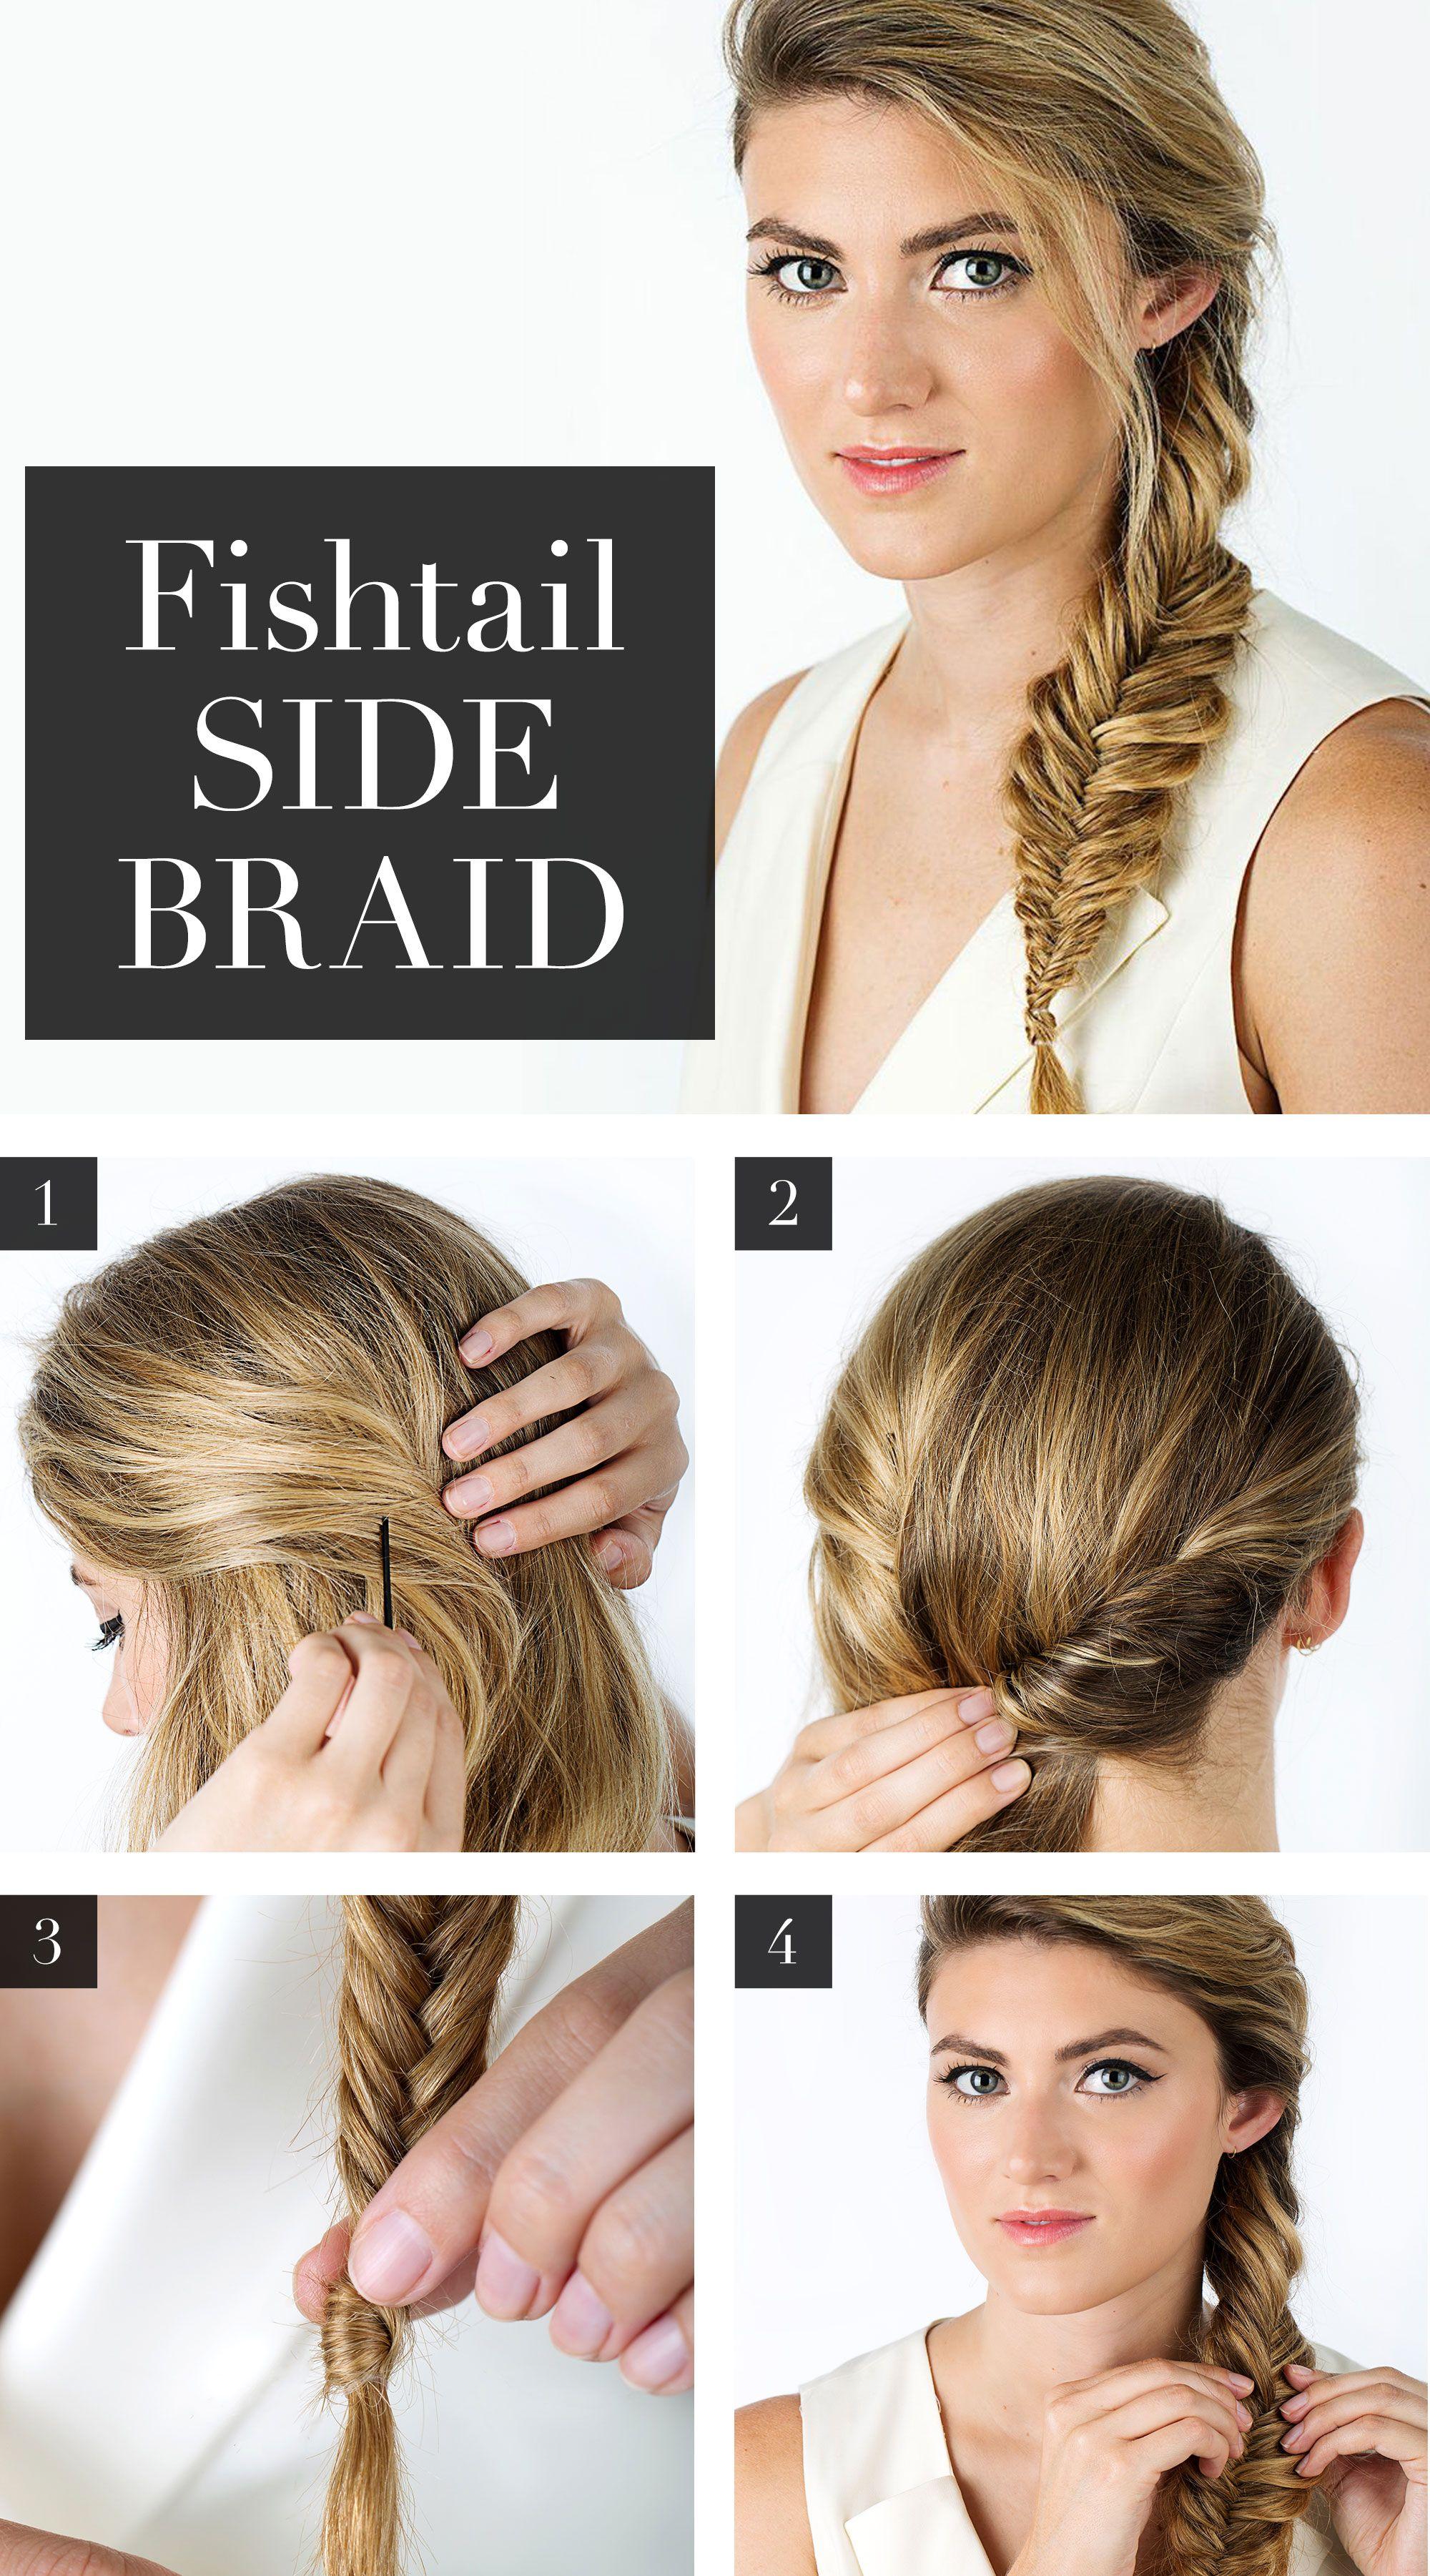 summer braid special: 4 hair how-to's | fishtail braid tutorials